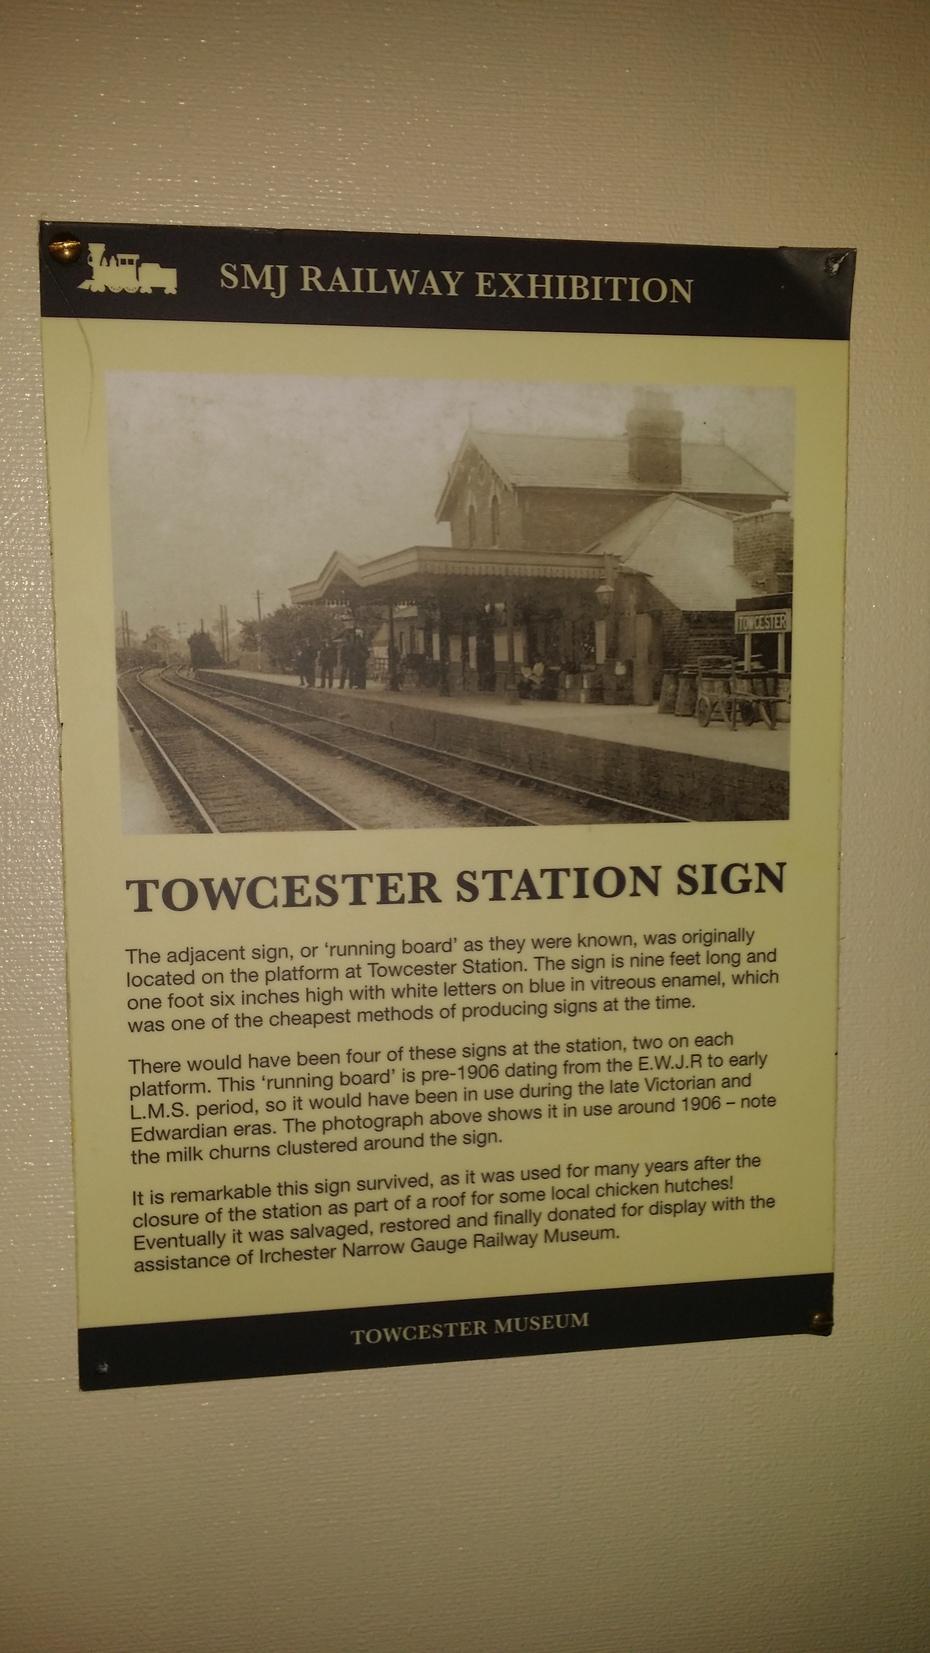 TOWCESTER STATION SIGN DETAIL.